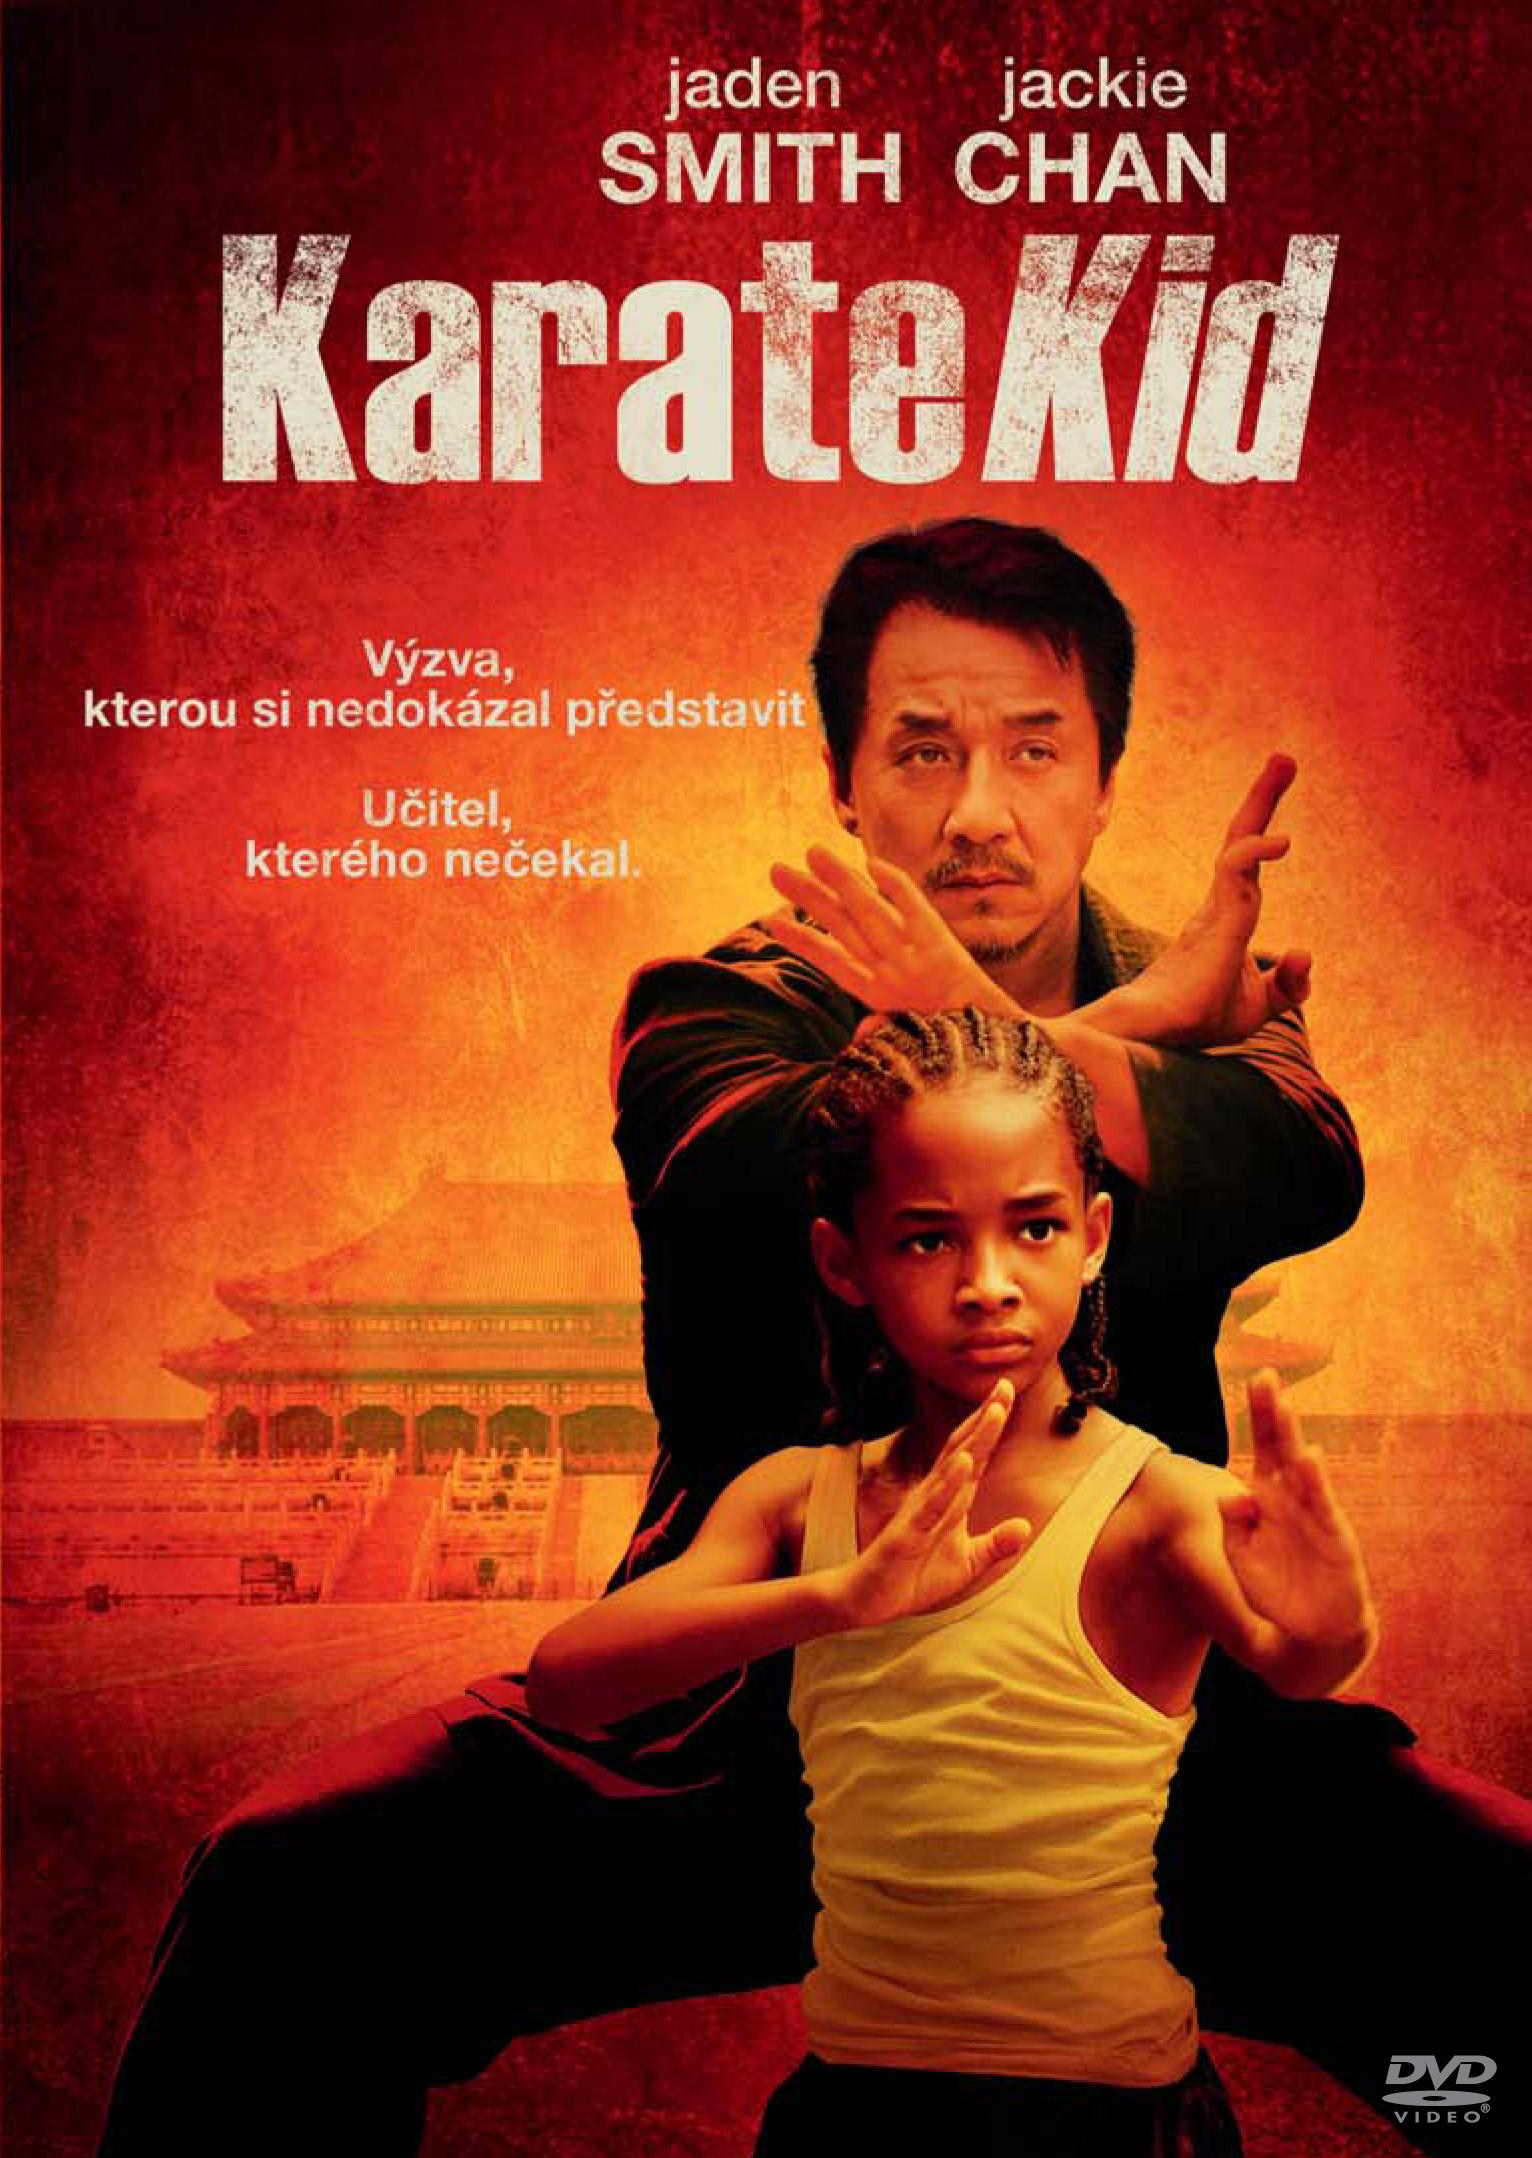 karate kid hry zdarma